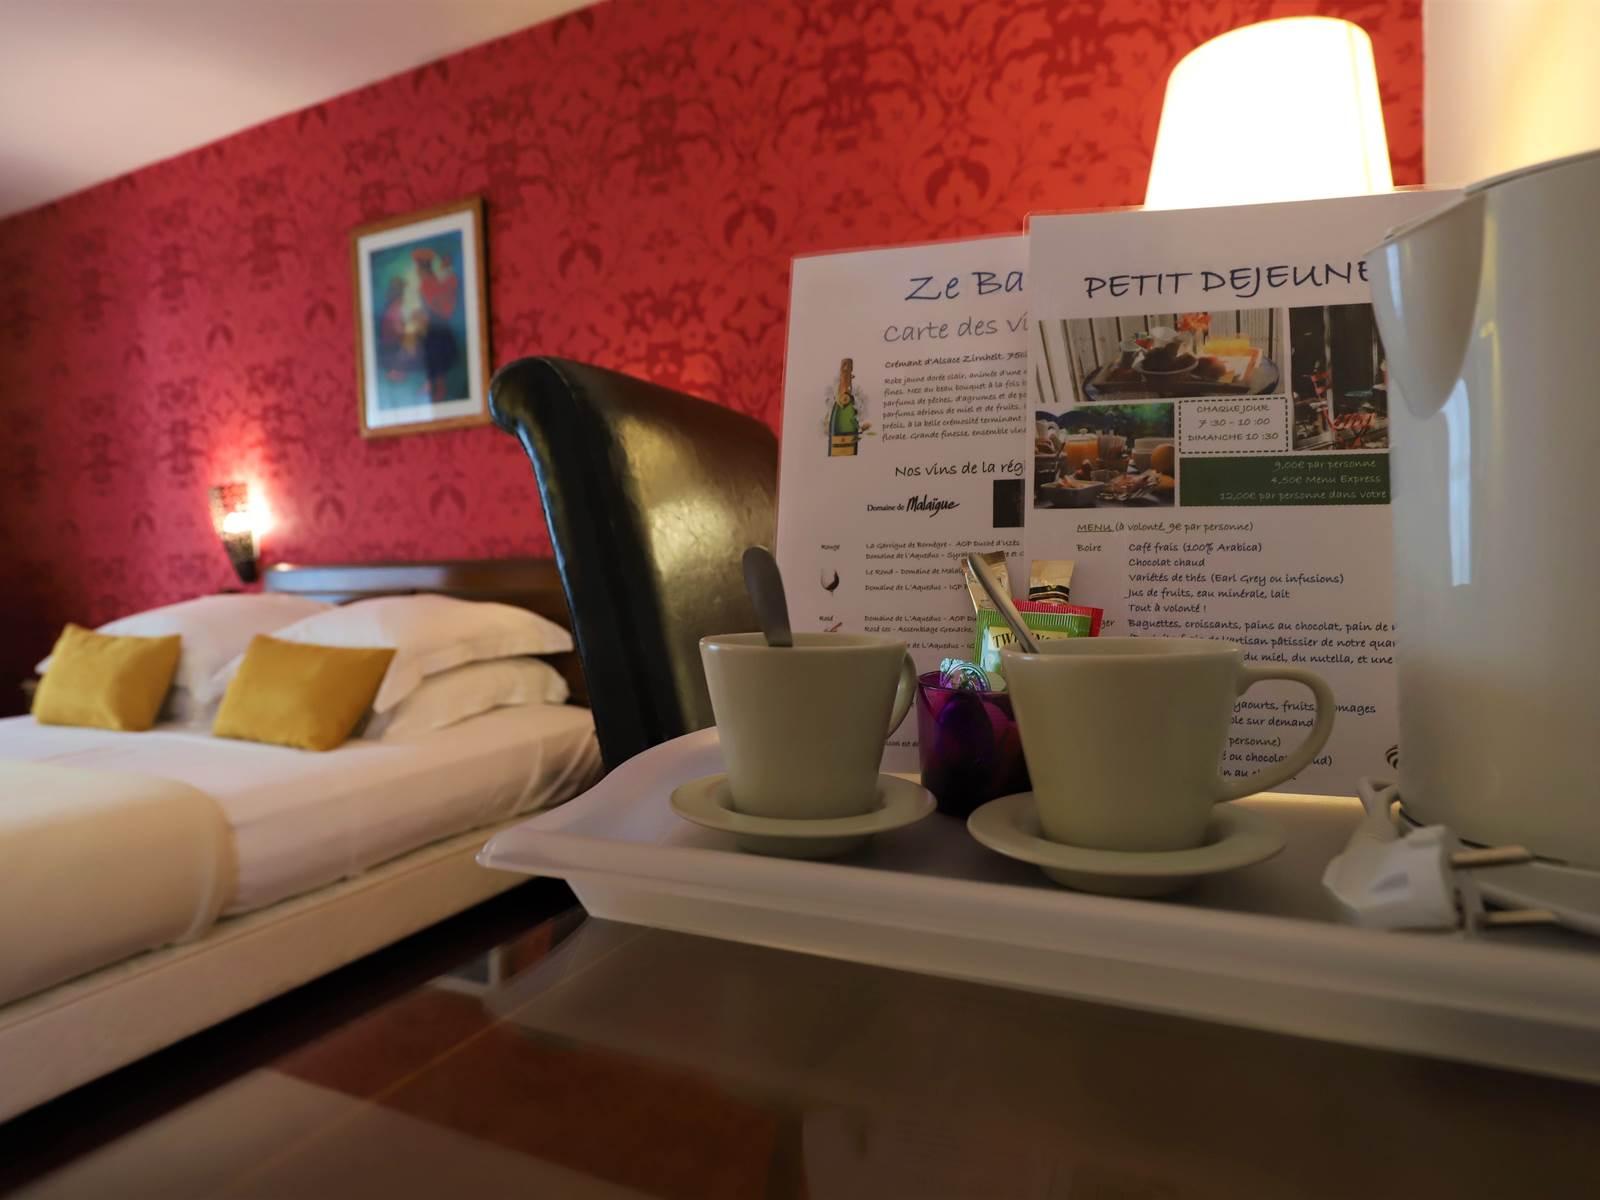 Hotel des Tuileries, Nîmes - Plateau d'accueil gratuite